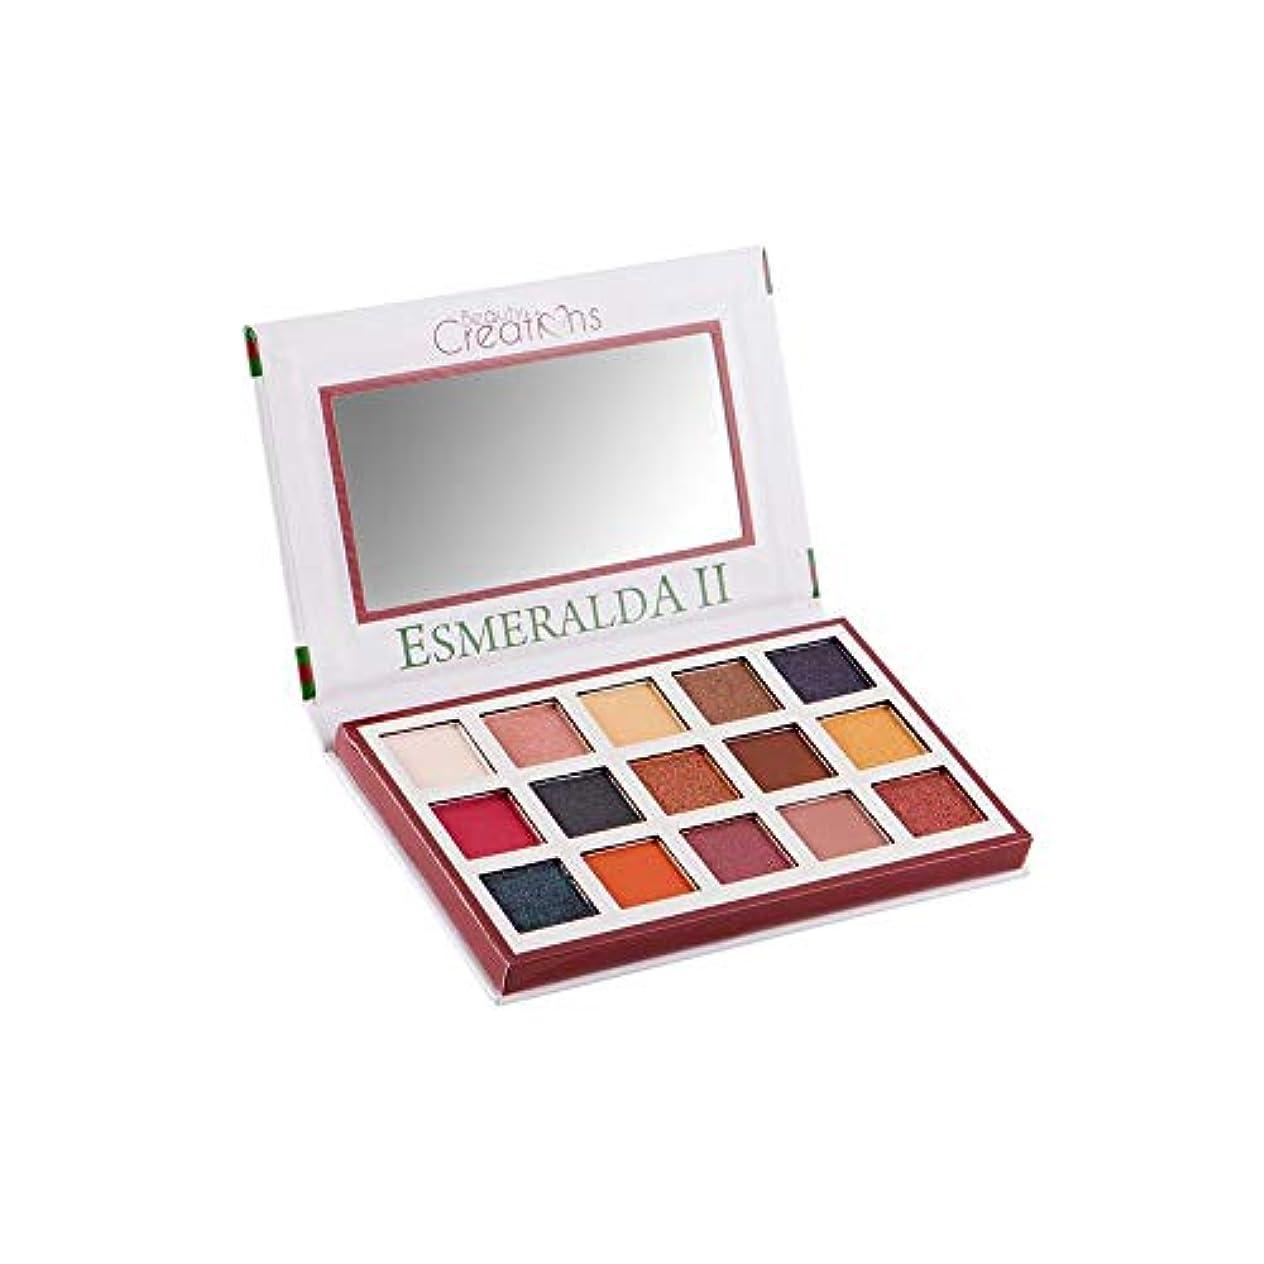 インレイインフラ行方不明BEAUTY CREATIONS Esmeralda II 15 Color Eyeshadow Palette (並行輸入品)